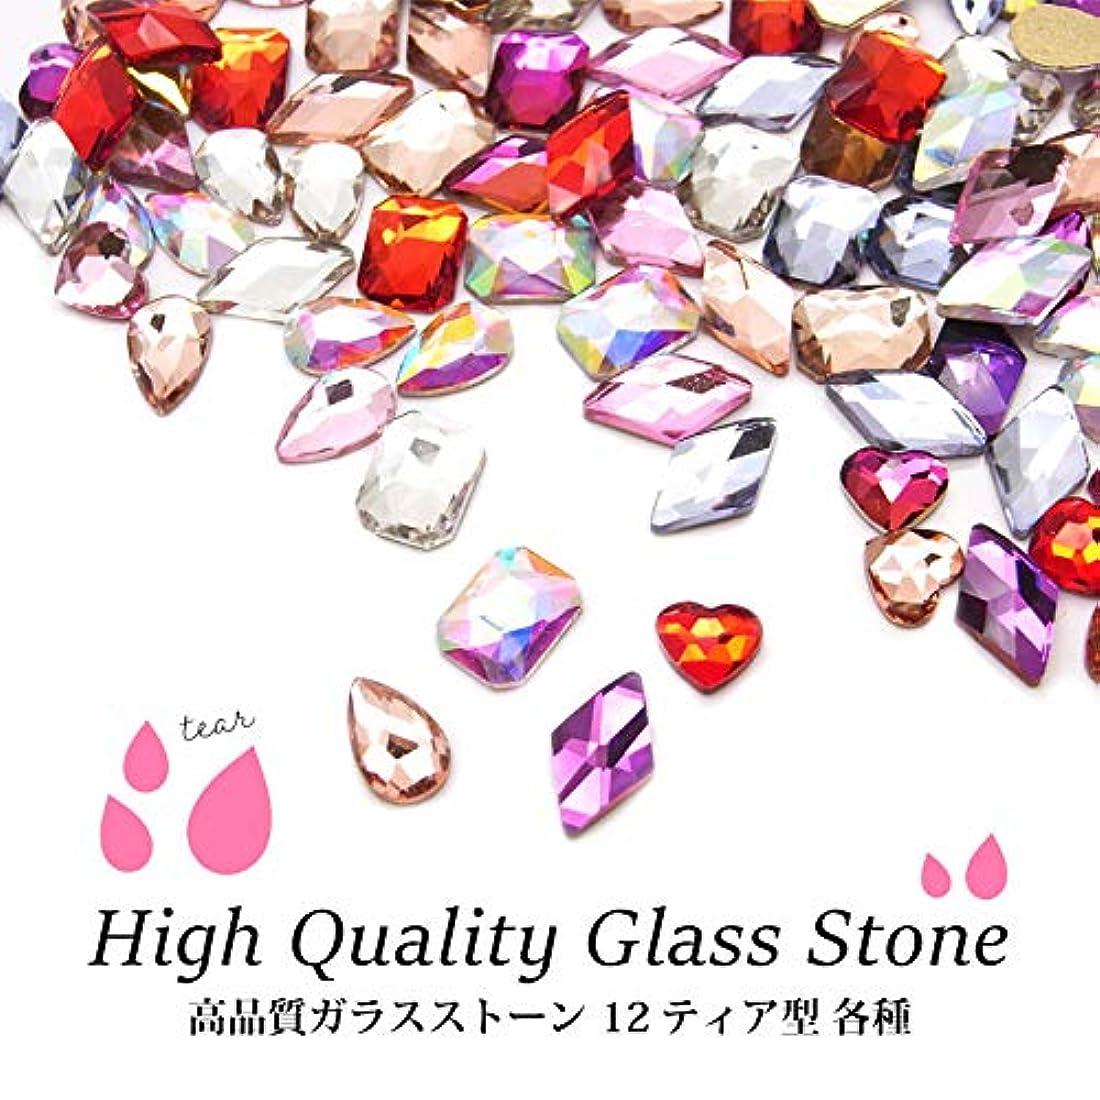 研磨単調なオッズ高品質ガラスストーン 12 ティア型 各種 5個入り (1.クリスタル)